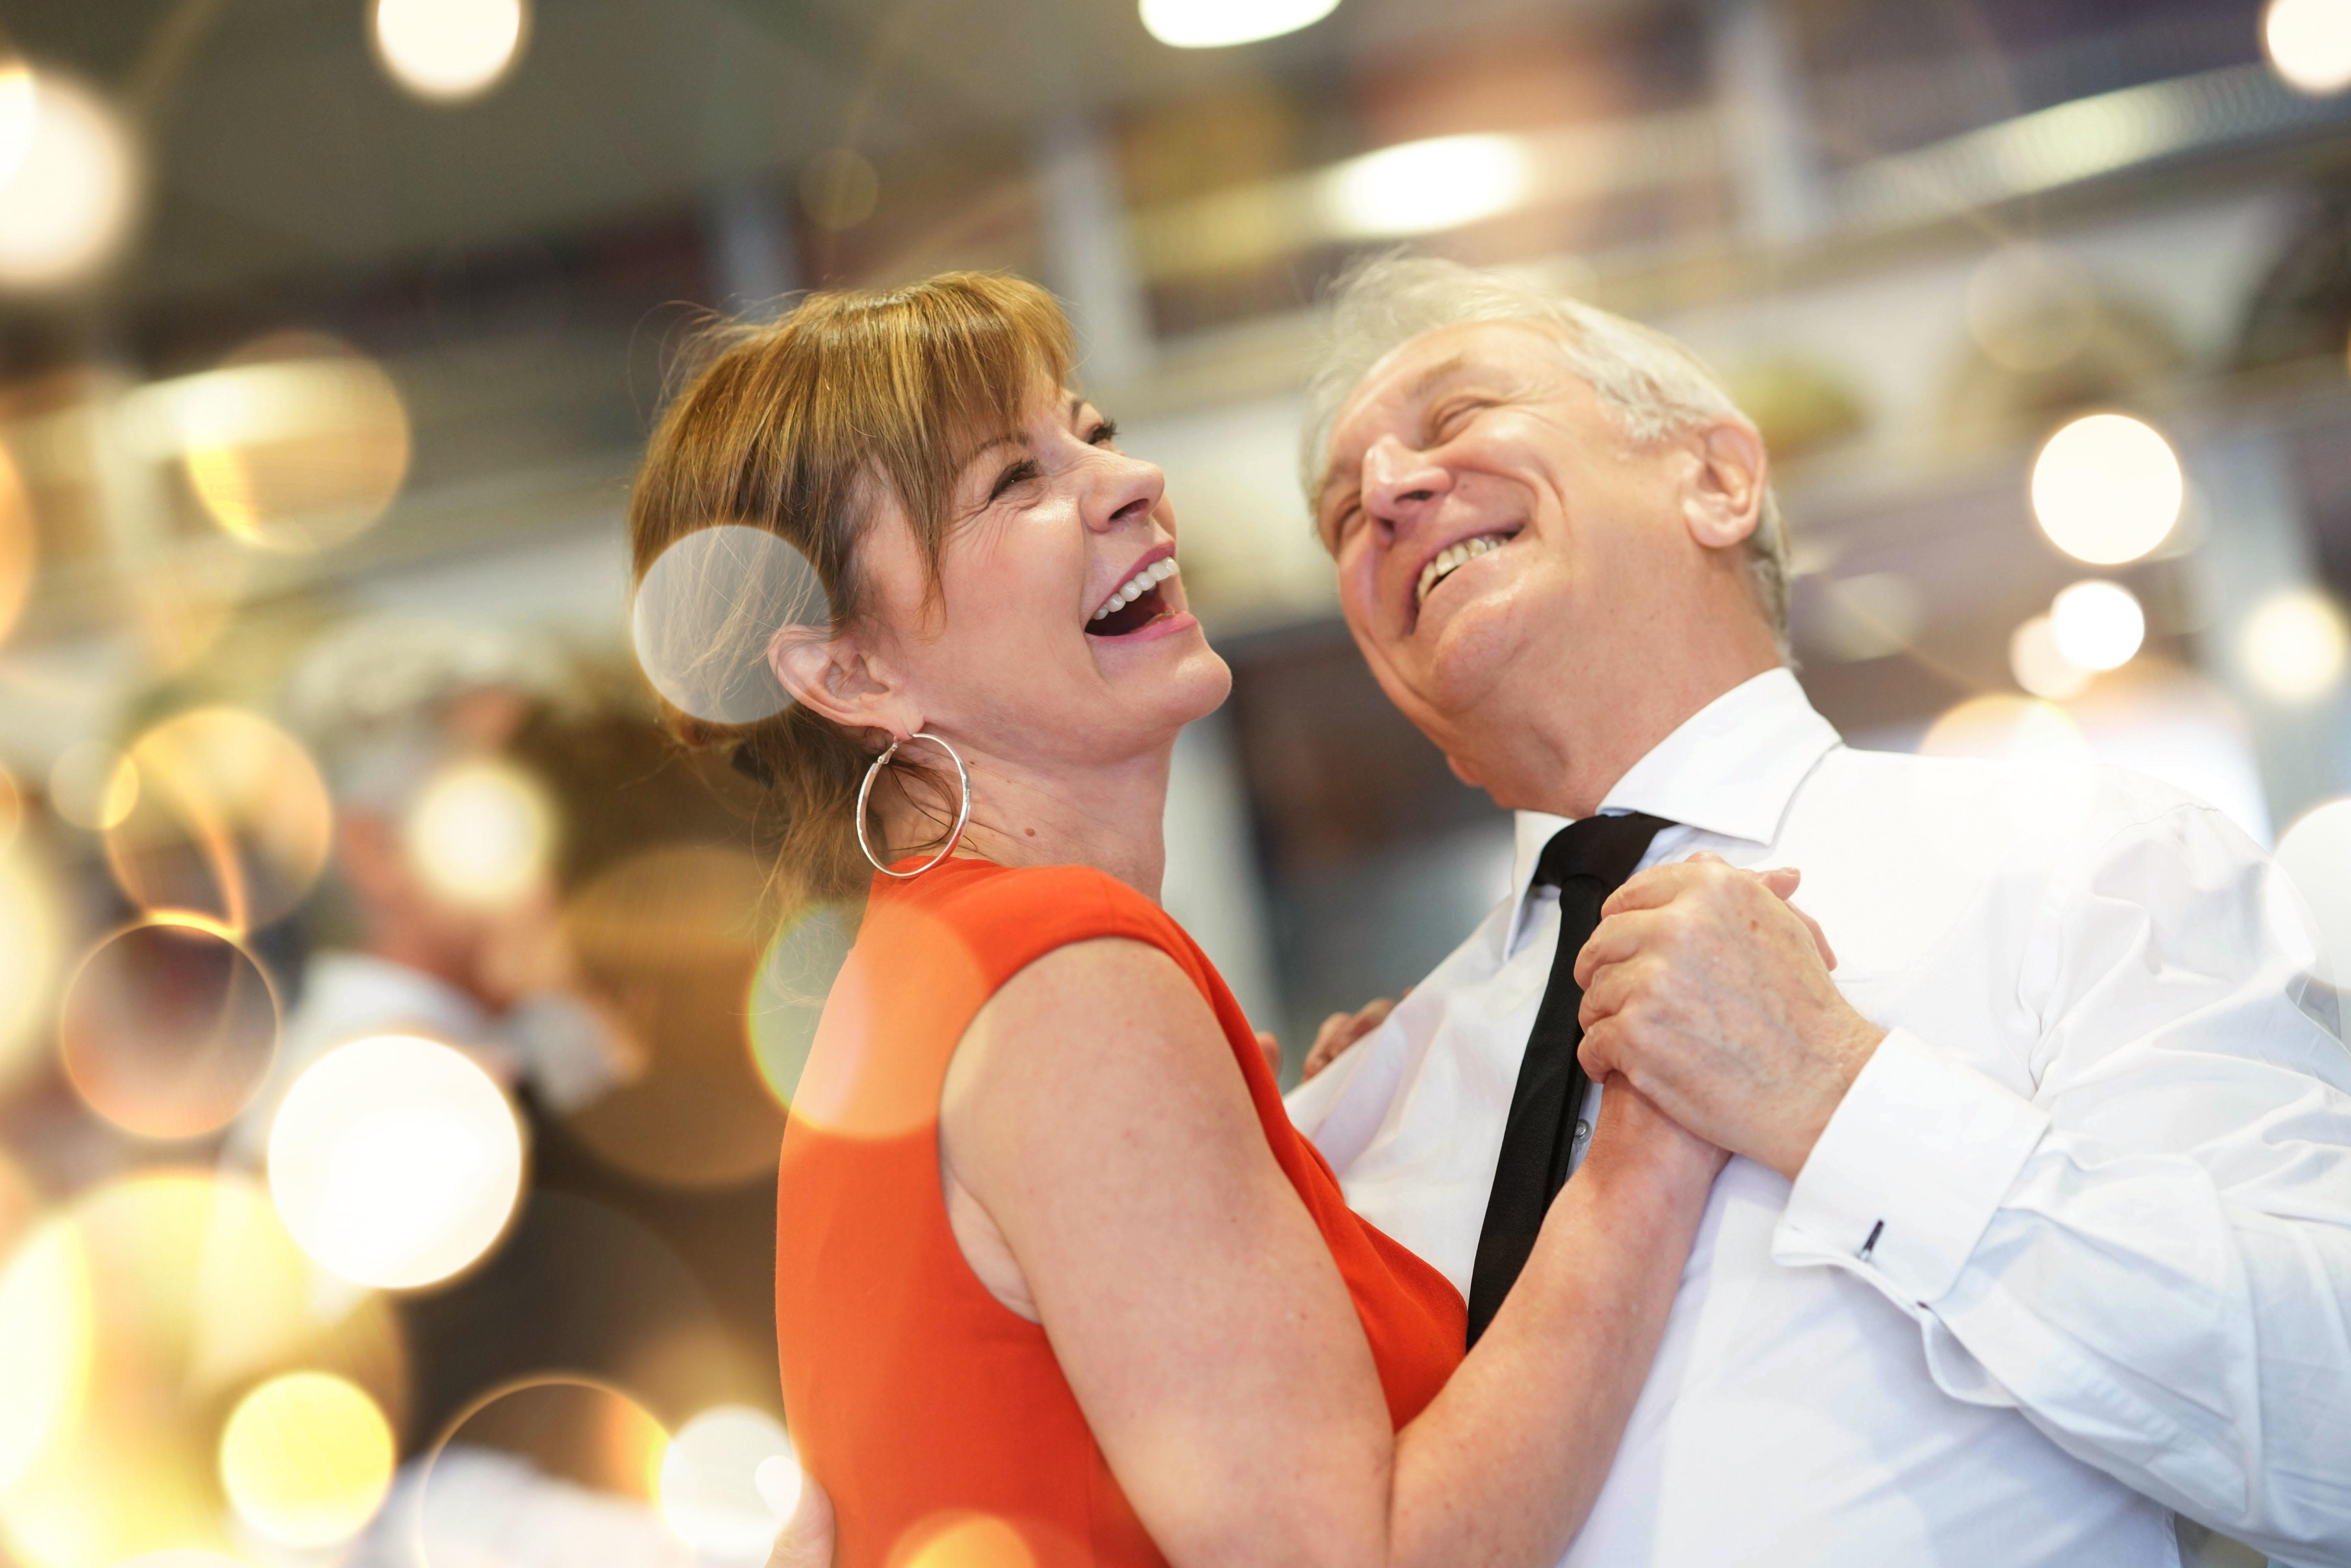 Les bienfaits du tango en ehpad pour les malades Alzheimer.